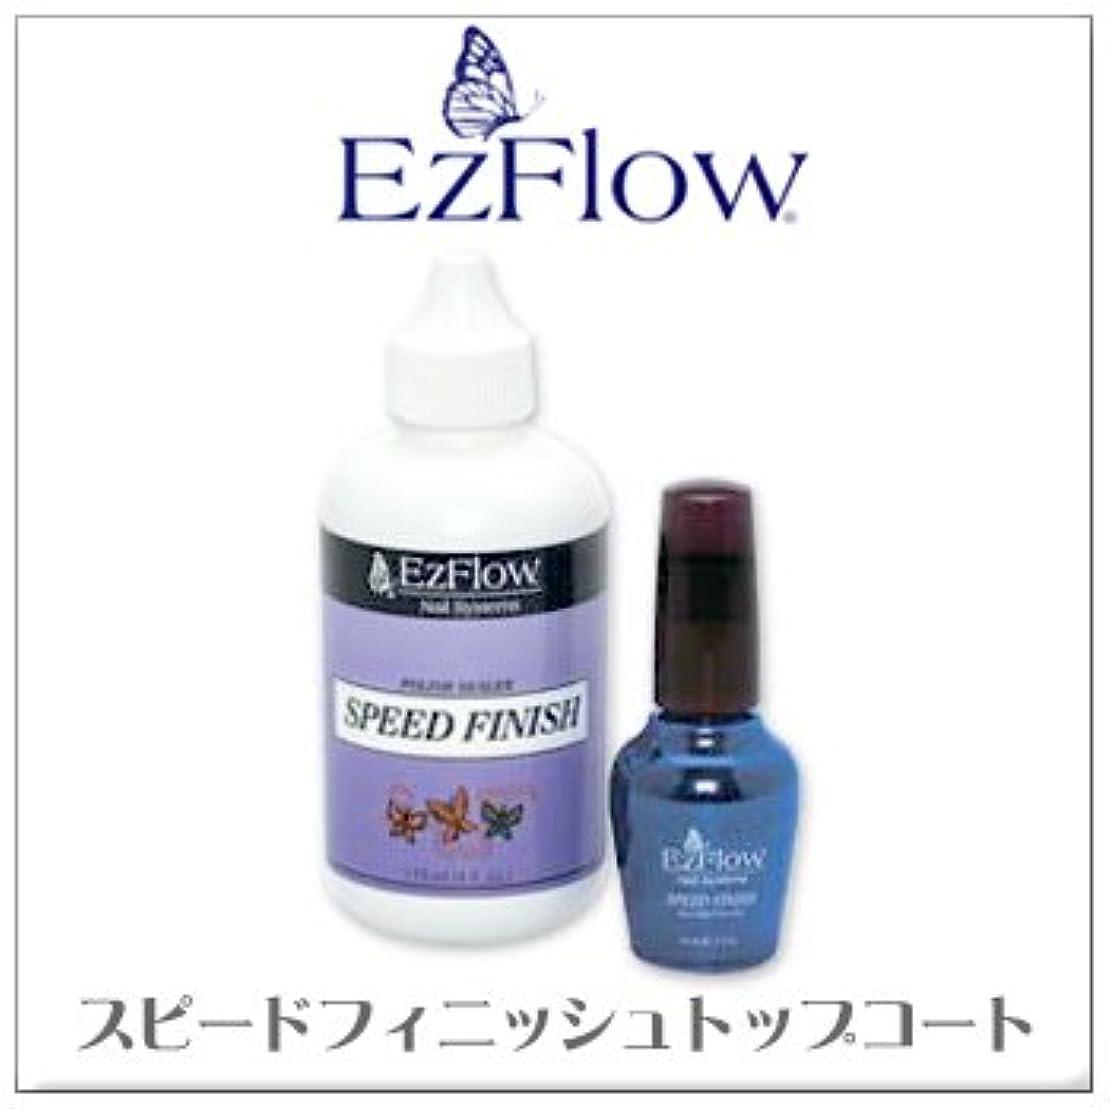 ひどくコールまどろみのあるEz-Flow (イージーフロー) スピードフィニッシュトップコート (1/2oz)